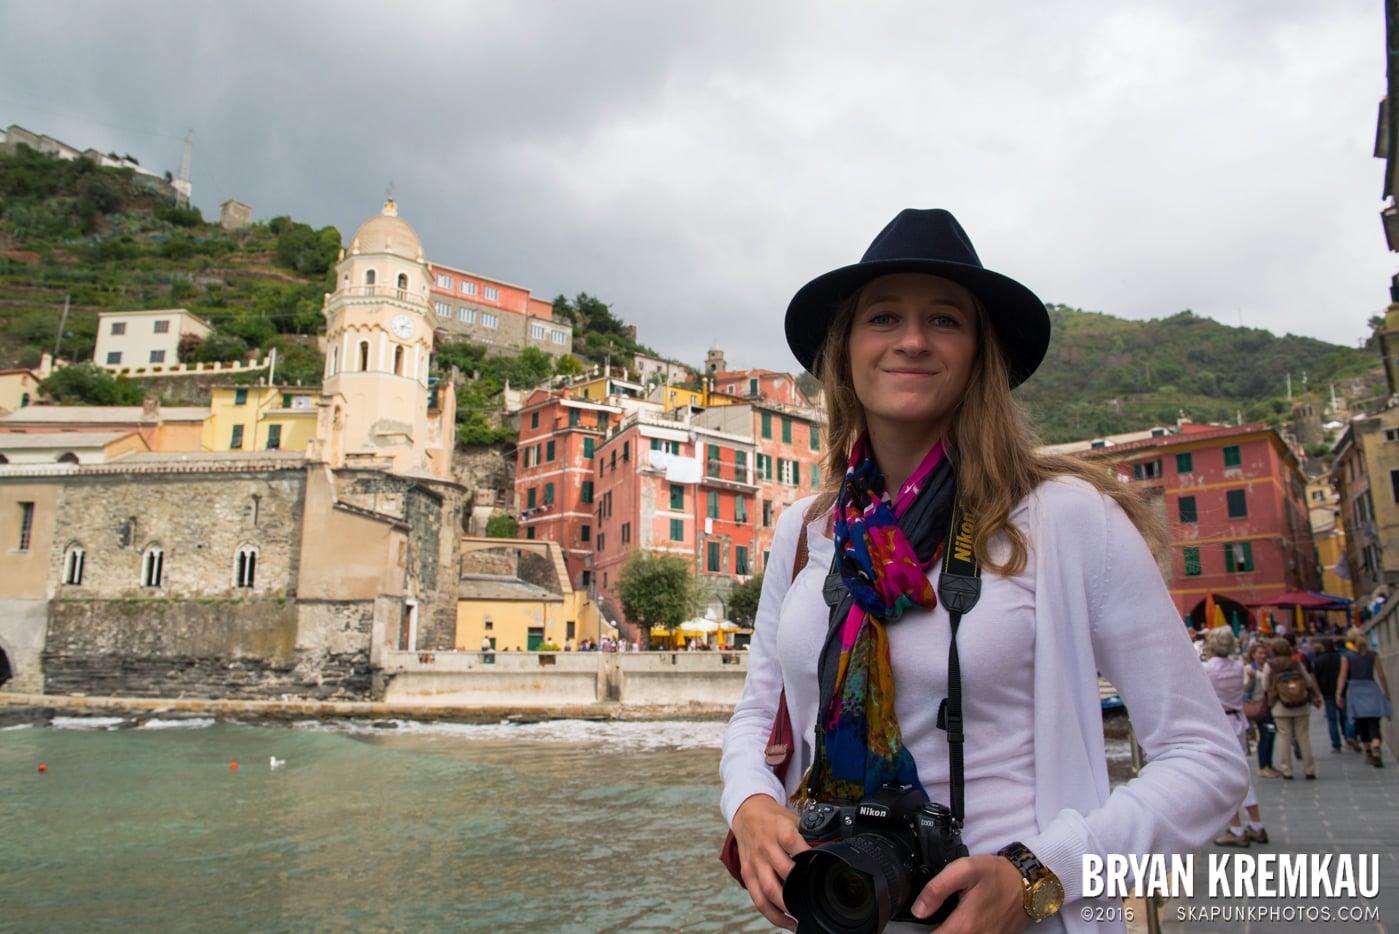 Italy Vacation - Day 10: Cinque Terre - 9.18.13 (39)